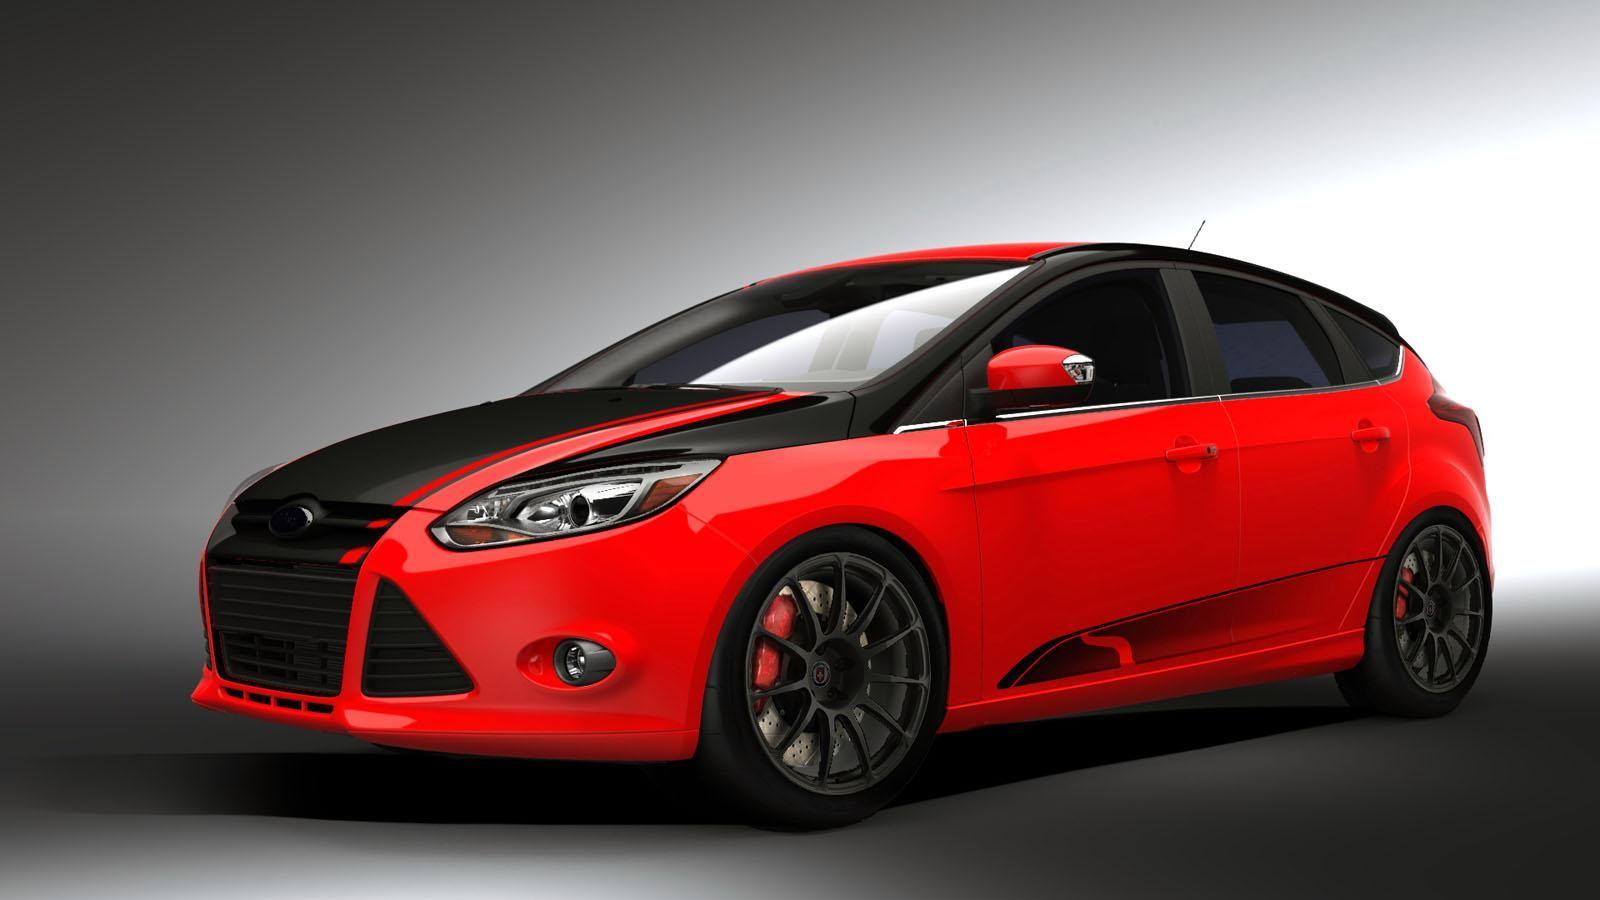 Modif Ford Focus Merah Dengan Gambar Mobil Merah